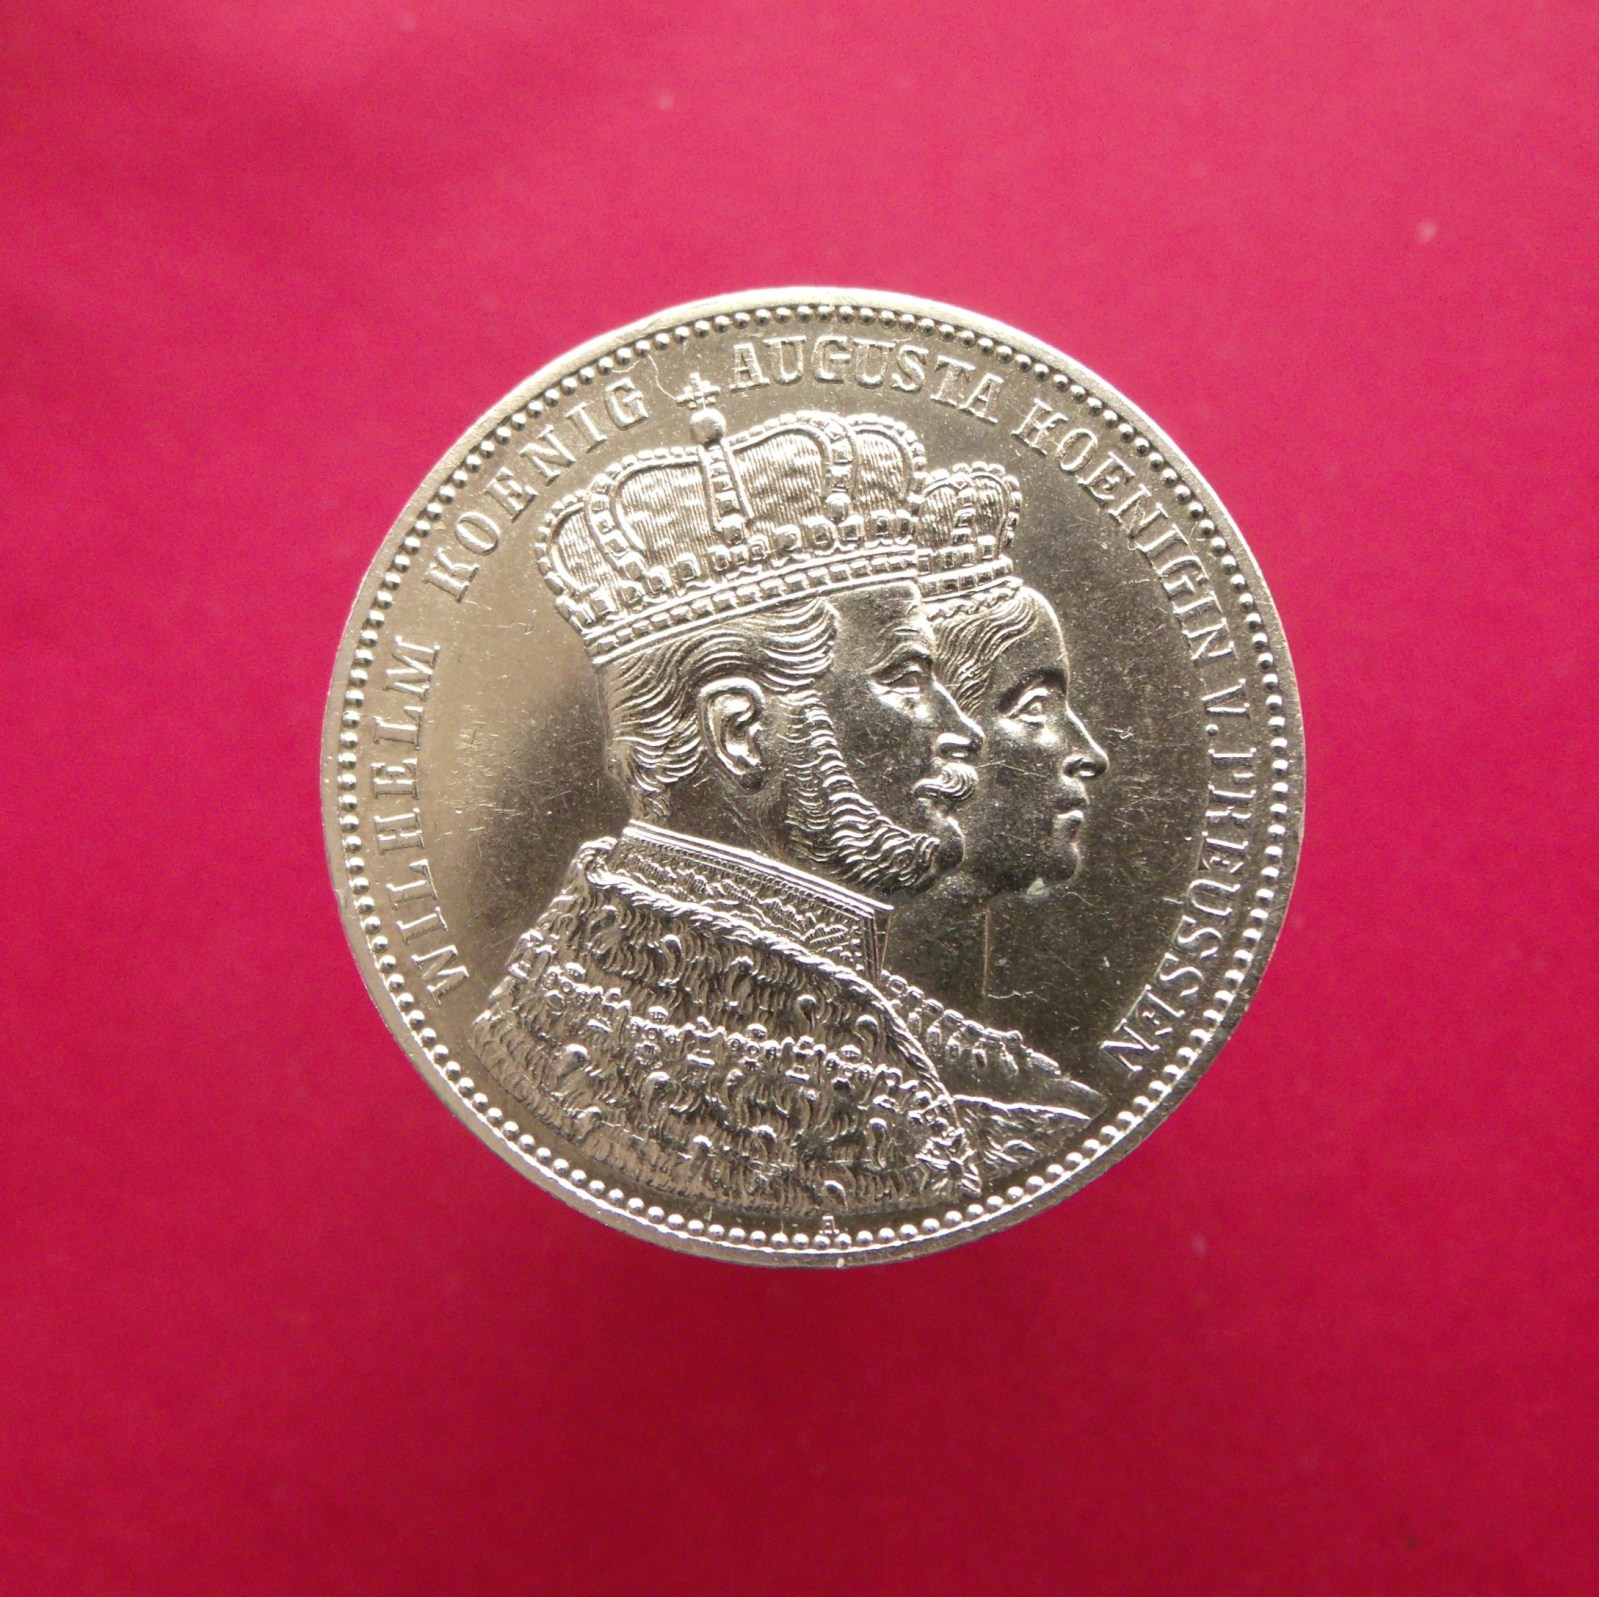 Alemania. Monedas del Reino de Prusia (1701-1918) - Página 1 Og42